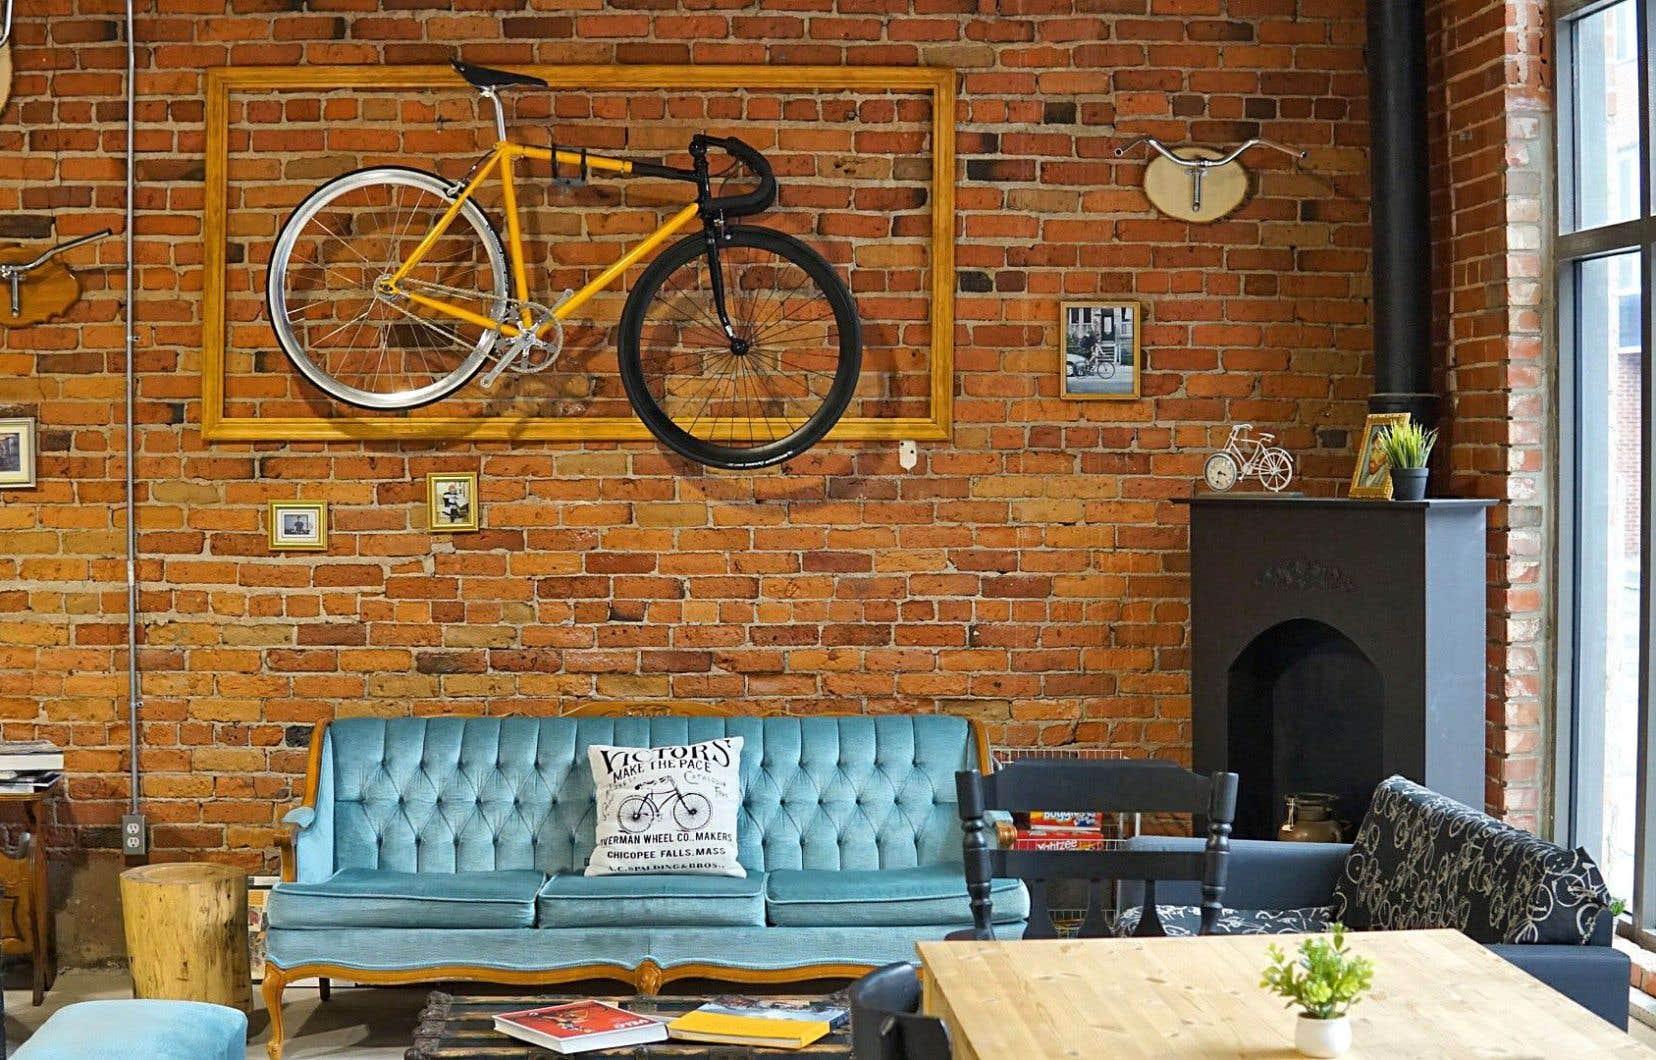 Il aura fallu attendre 2013 avant de voir un premier café-vélo ouvrir ses portes au Québec: Allo Vélo. D'abord sis dans le quartier Saint-Henri, à Montréal, l'endroit auquel se greffe une boutique de vélos urbains a depuis déménagé ses pénates dans Griffintown.